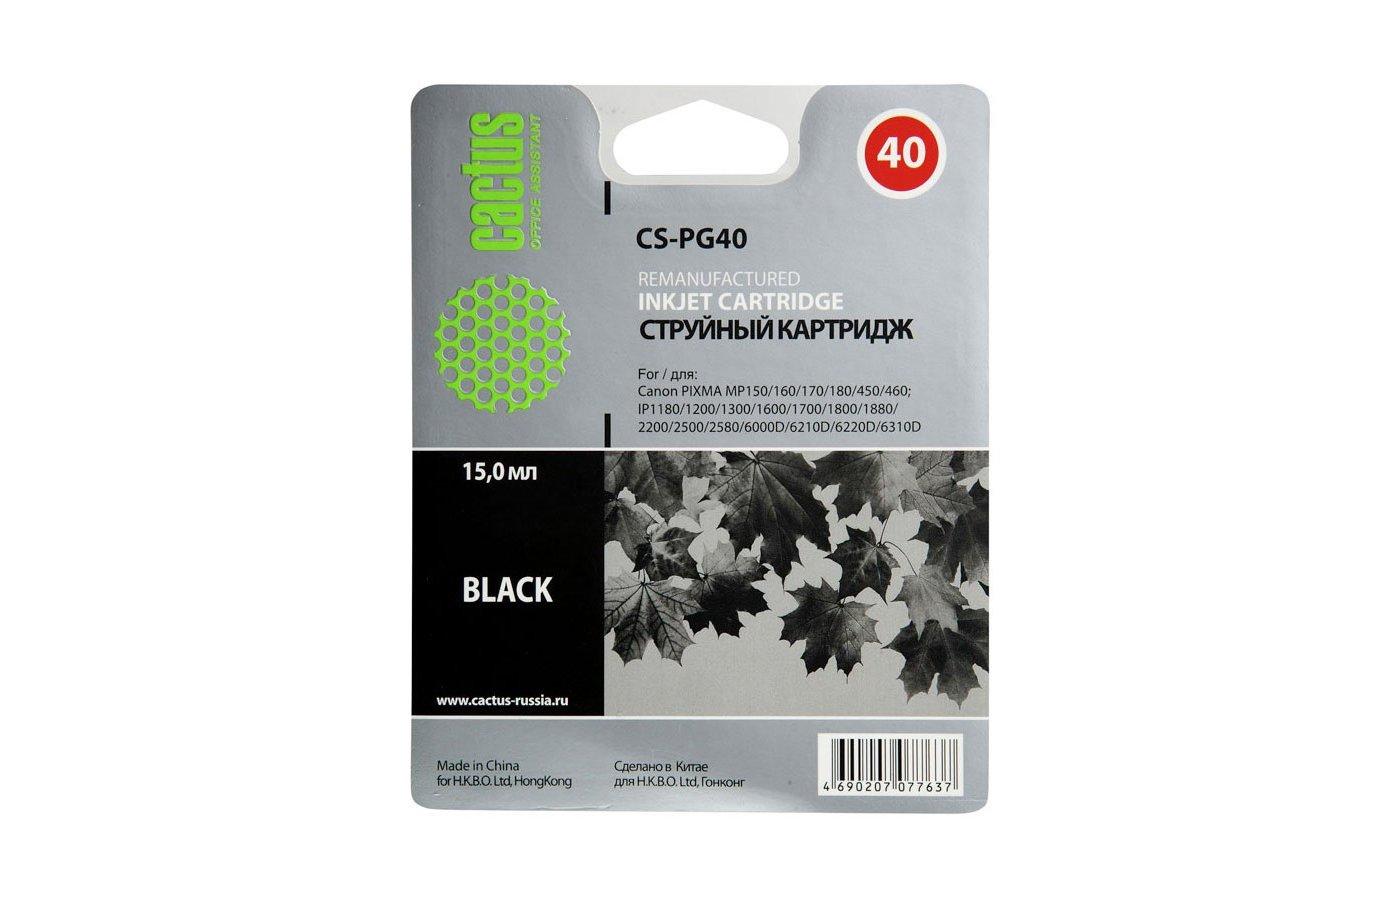 Картридж струйный Cactus CS-PG40 совместимый черный для Canon Pixma MP150/ MP160/ MP170/ MP180 (18ml)